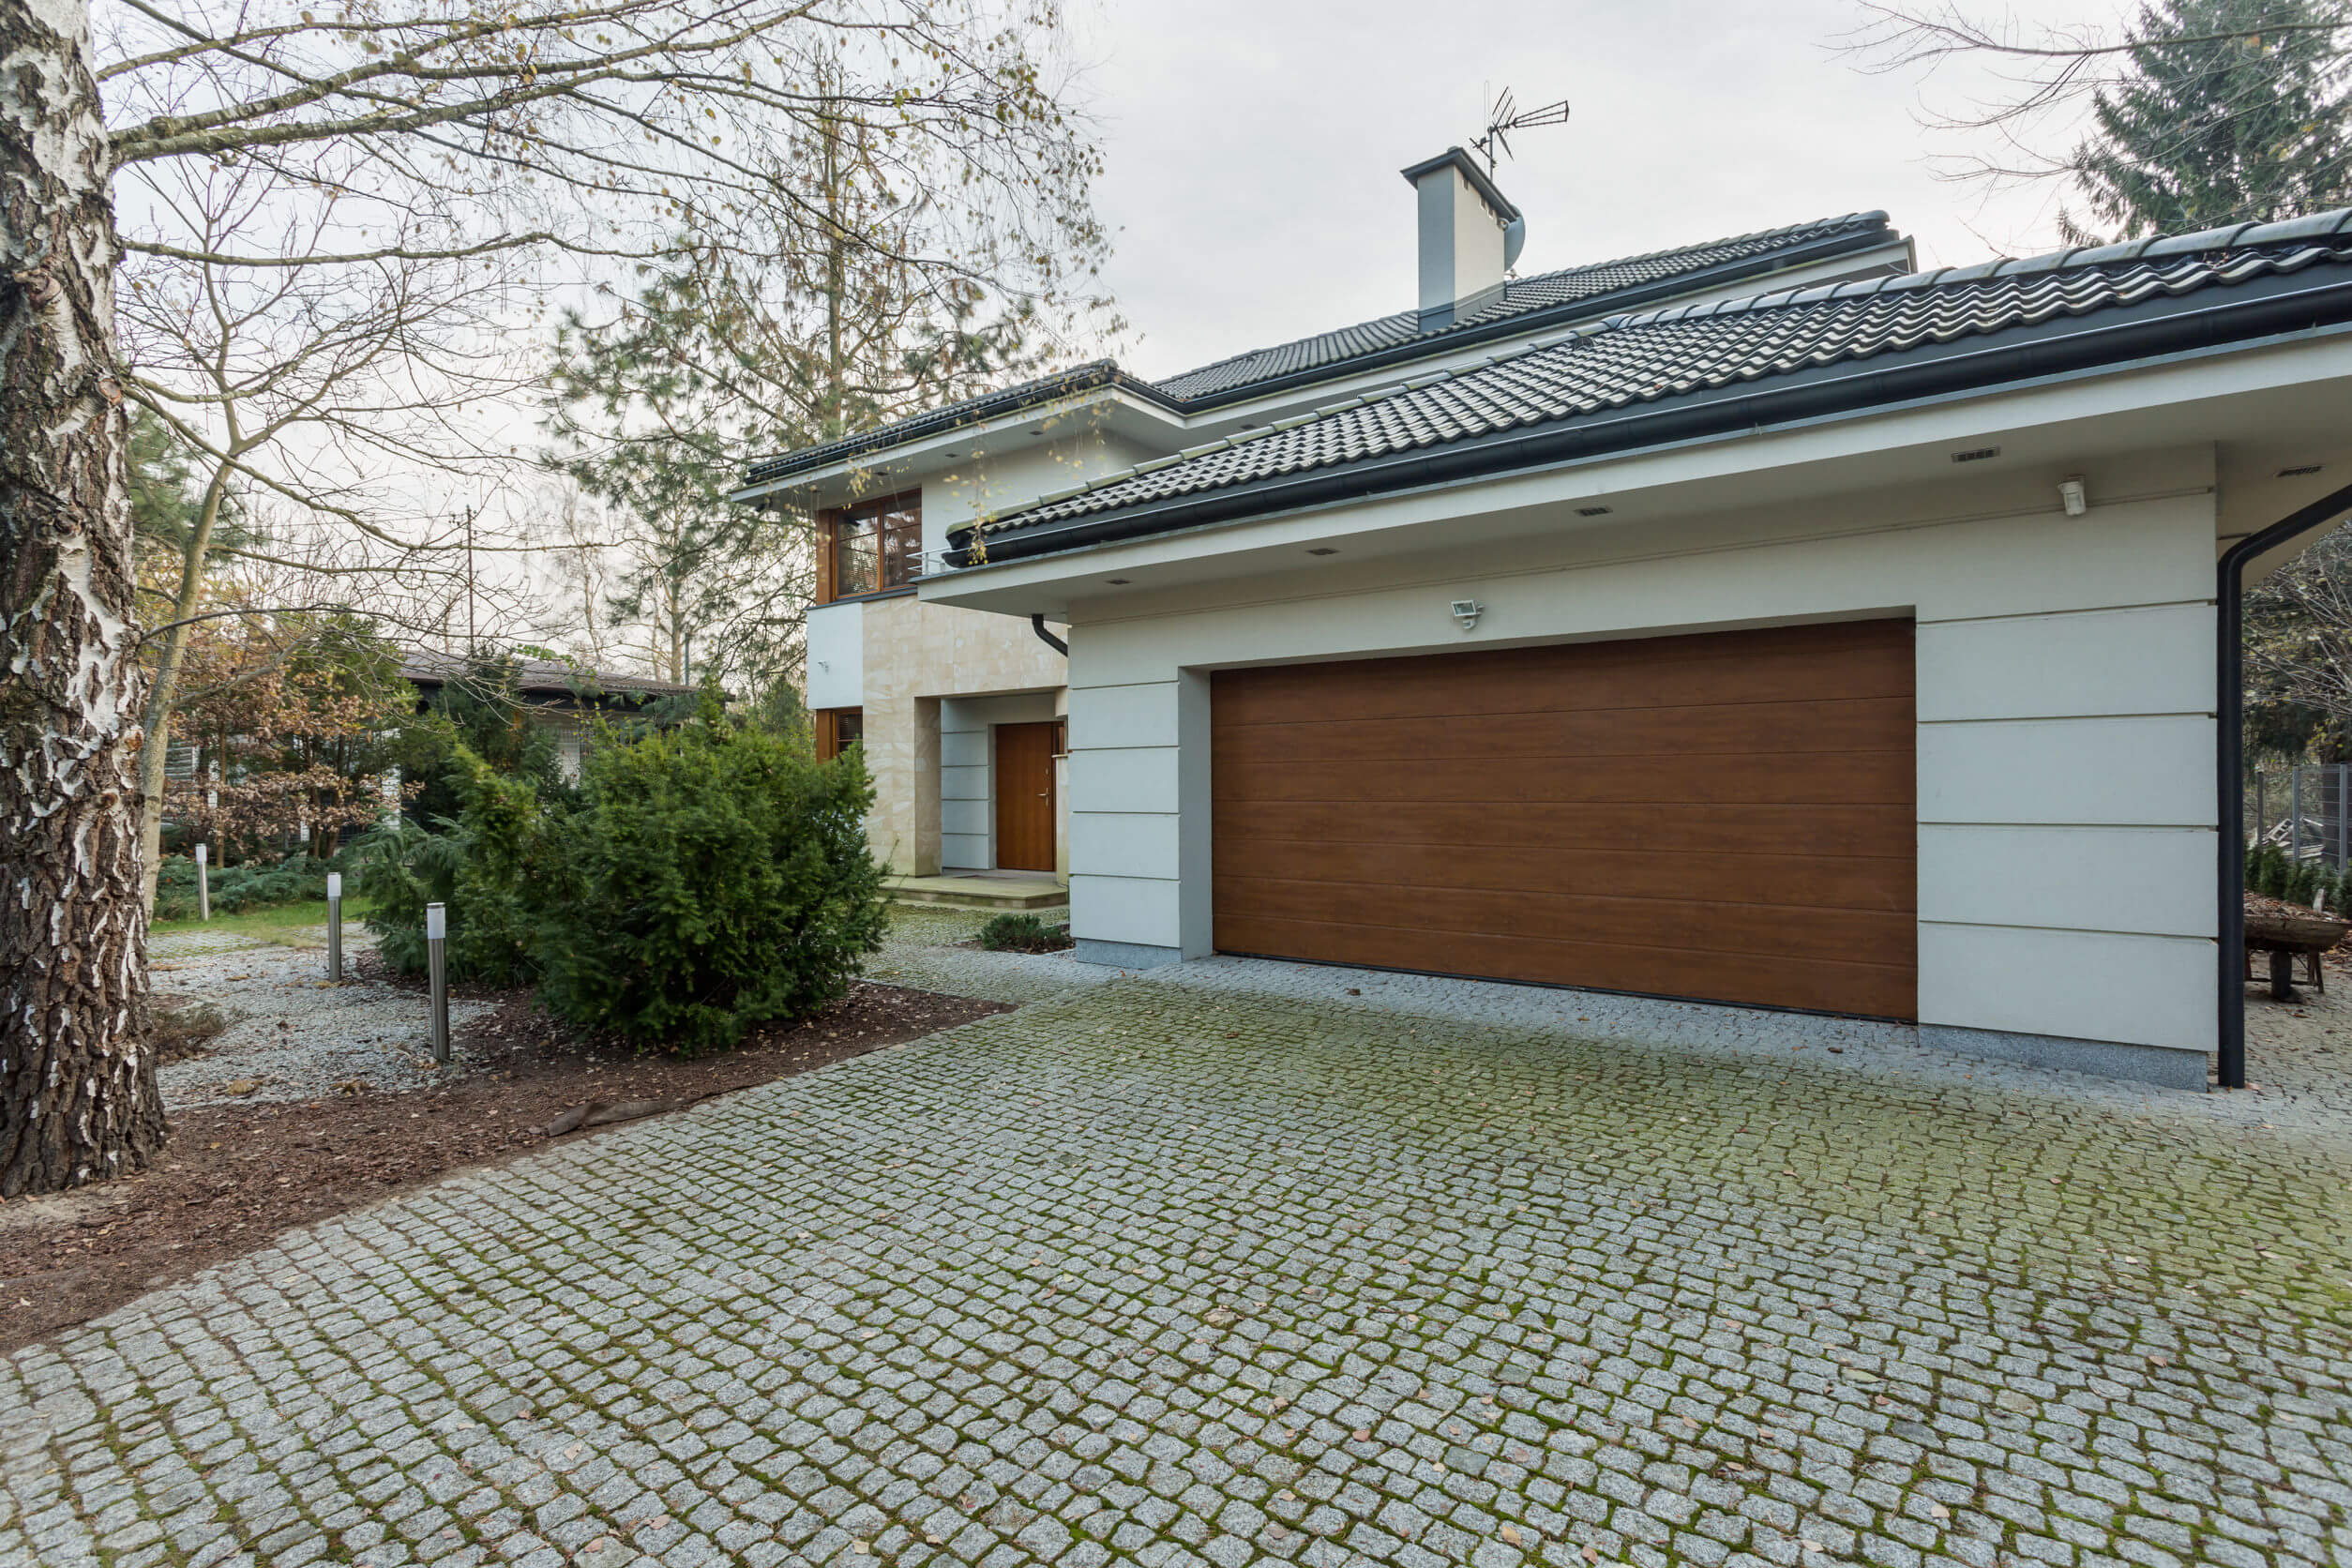 Gyönyörű házak Szigetszentmiklóson, egy pesti lakás áráért